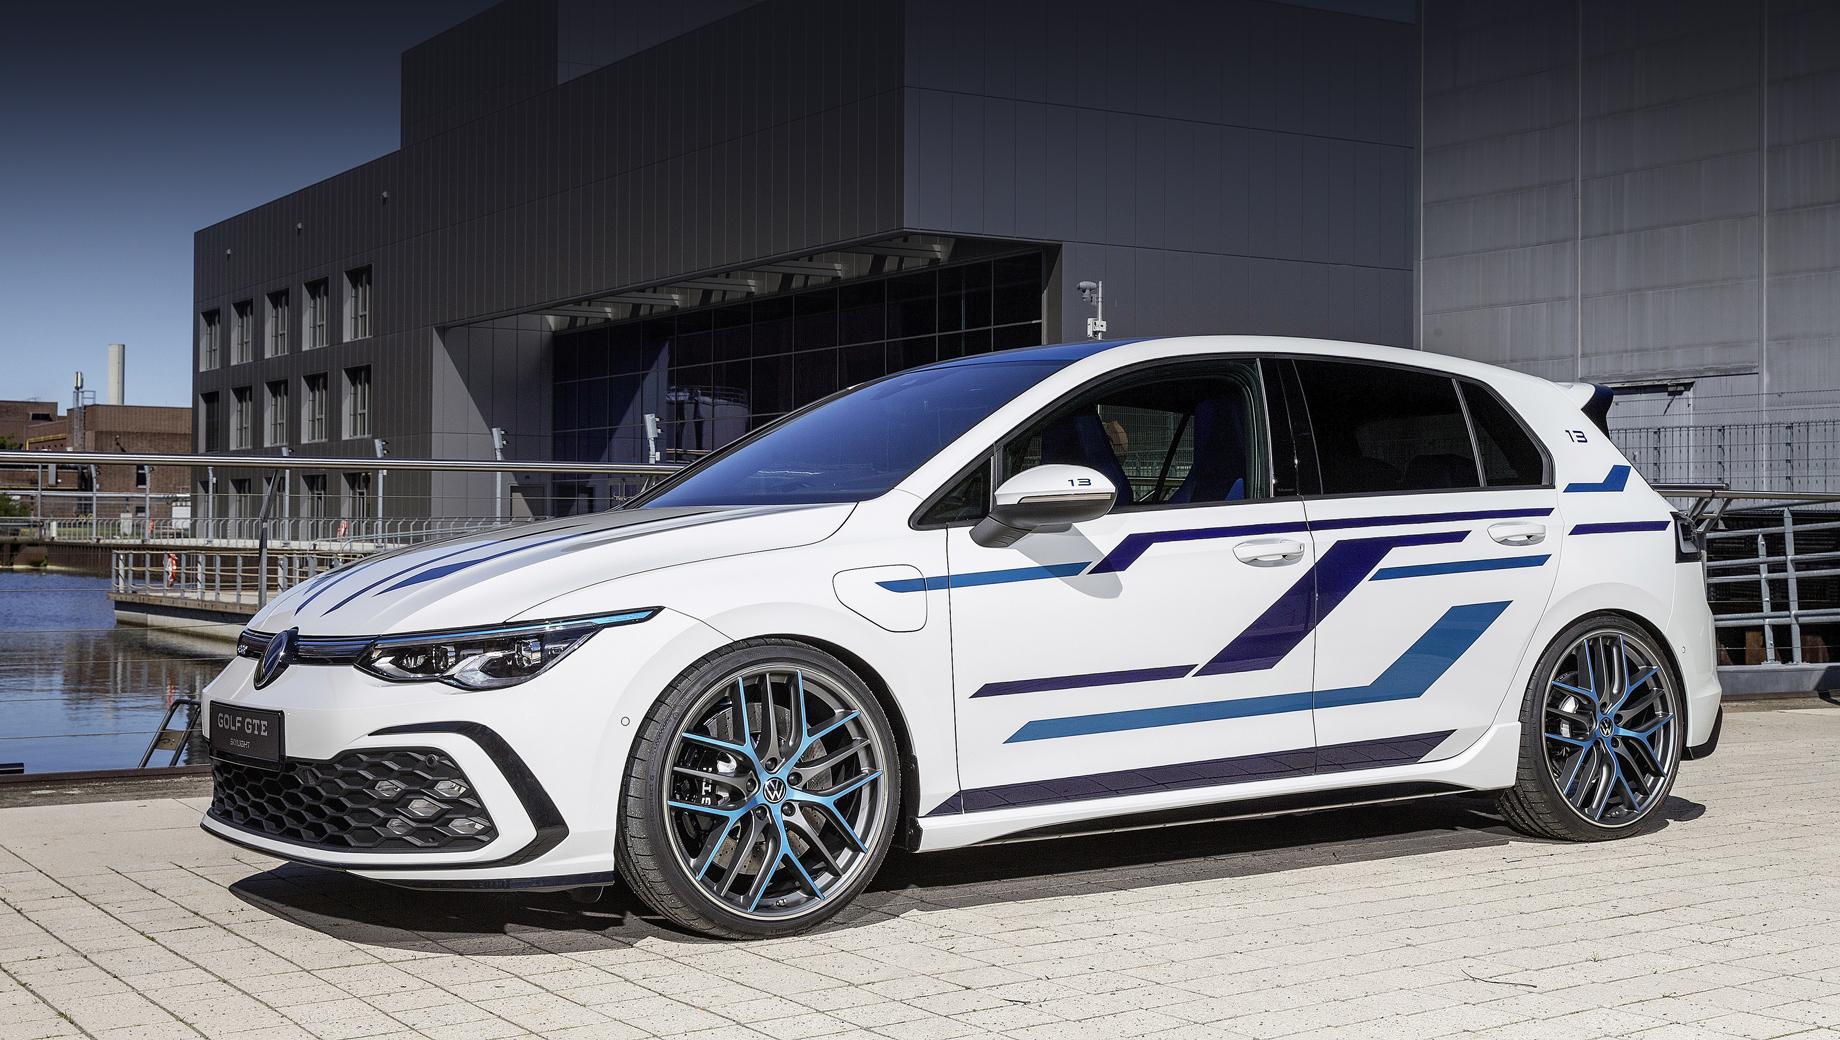 Volkswagen golf,Volkswagen golf gte,Volkswagen golf gte skylight,Volkswagen concept. Концептуальный гибрид, как и серийный GTE, оснащён турбомотором 1.4 и электродвигателем с суммарной отдачей 245 л.с. и 400 Н•м.